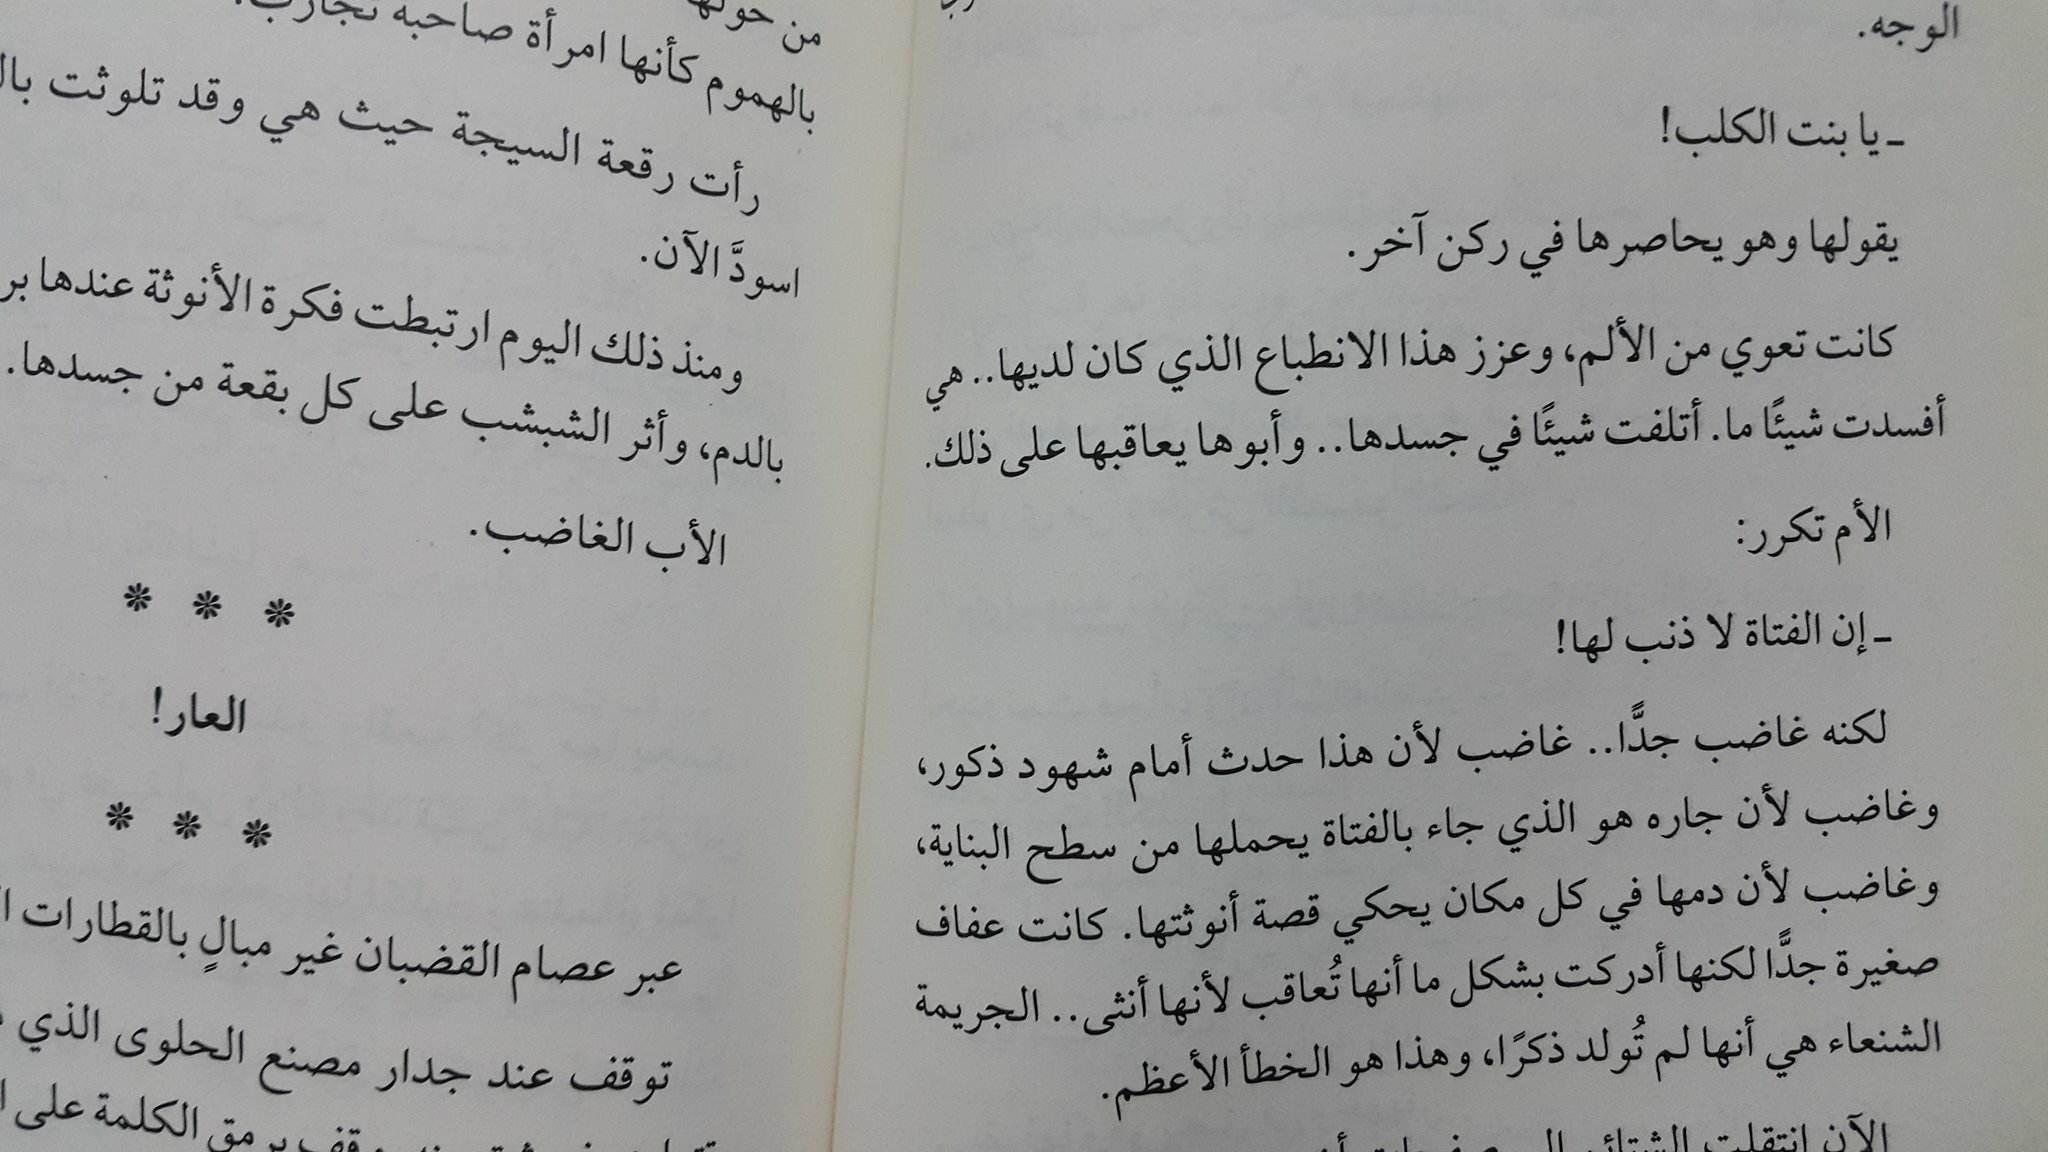 مشهد تعذيب عفاف على أنوثتها - رواية السنجة لأحمد خالد توفيق